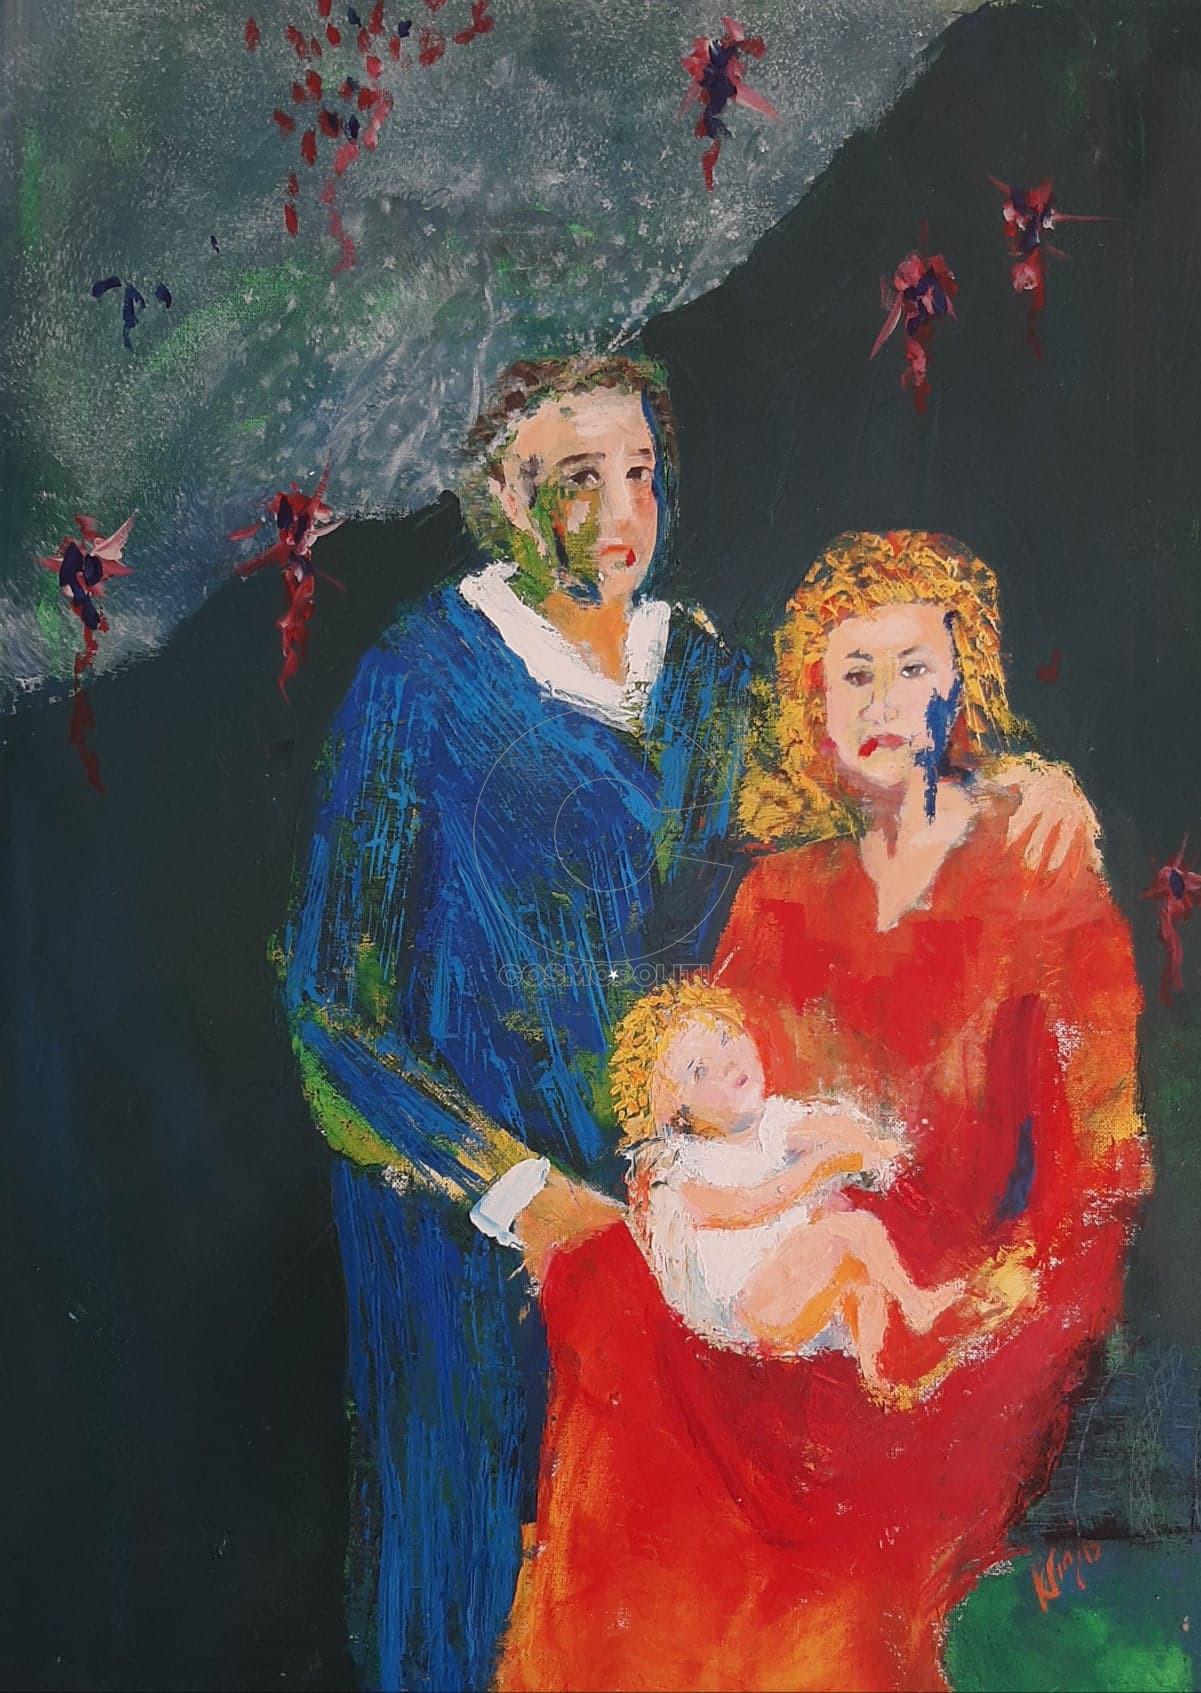 Κατερίνα Γιαζιτζόγλου - Katerina Giazitzoglou, Coronavirous family, 70x50cm, Ακρυλικά - Acrylics